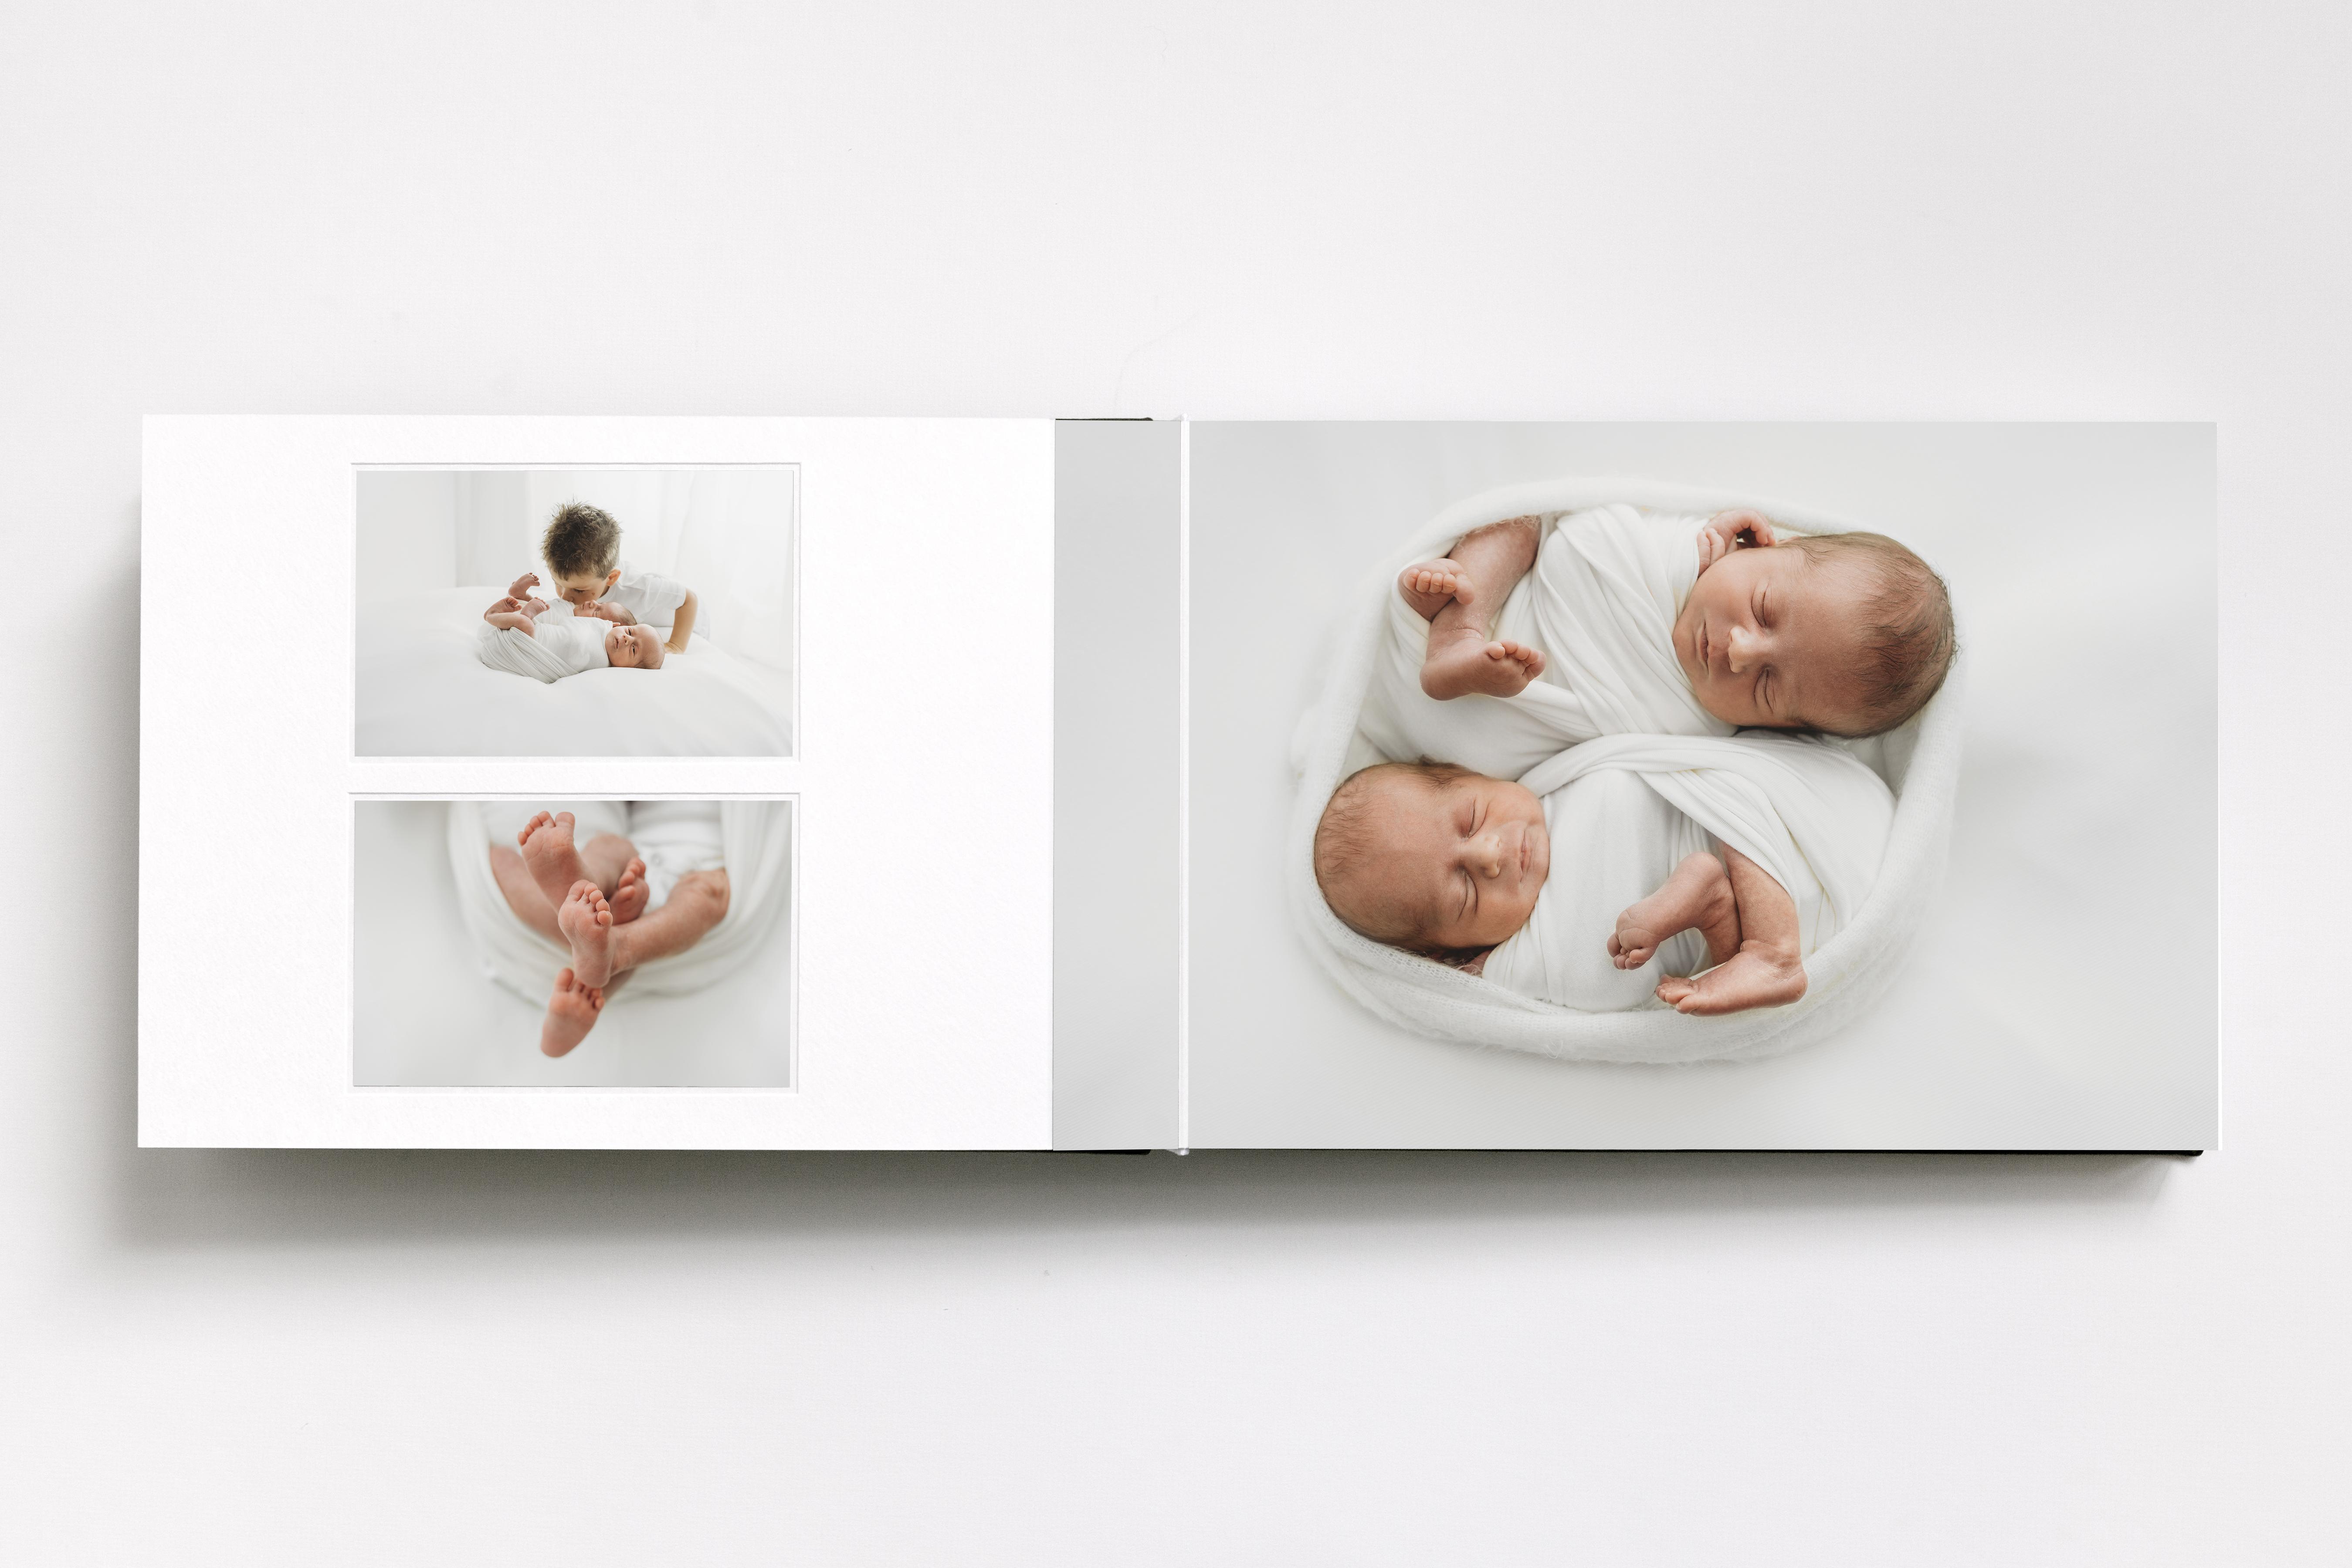 duo-album-01-newborn